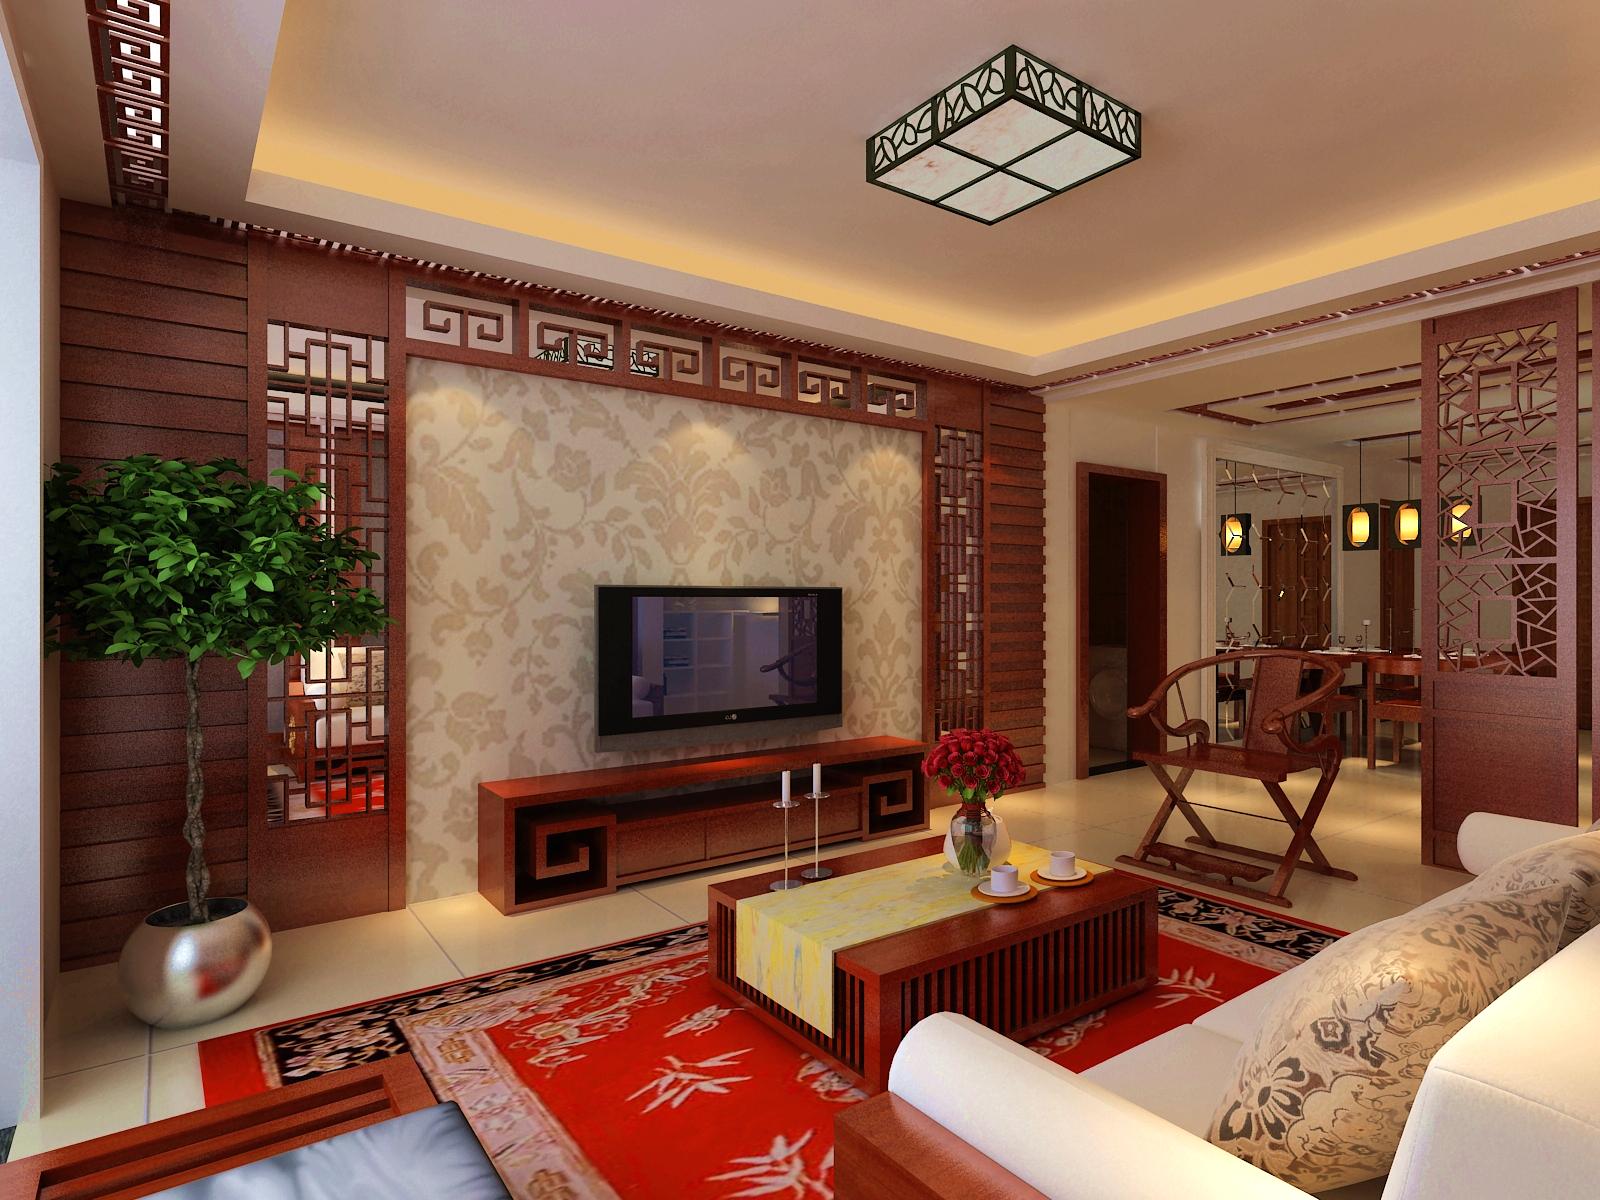 大城小爱 中式 三居 客厅图片来自郑州实创装饰啊静在大城小爱148平中式三居的分享